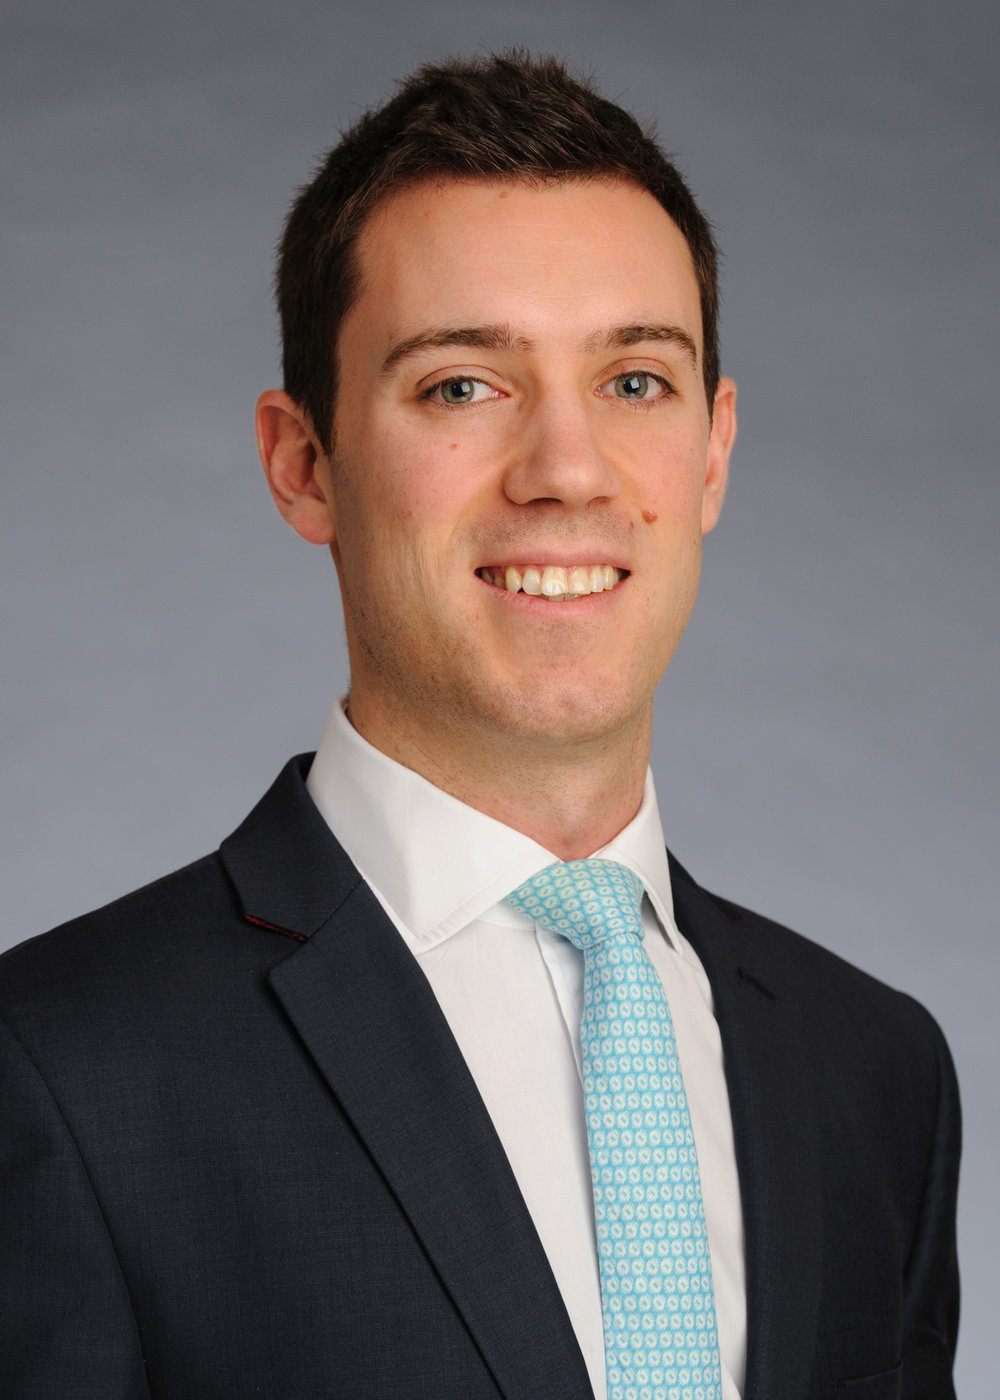 David Whitehair